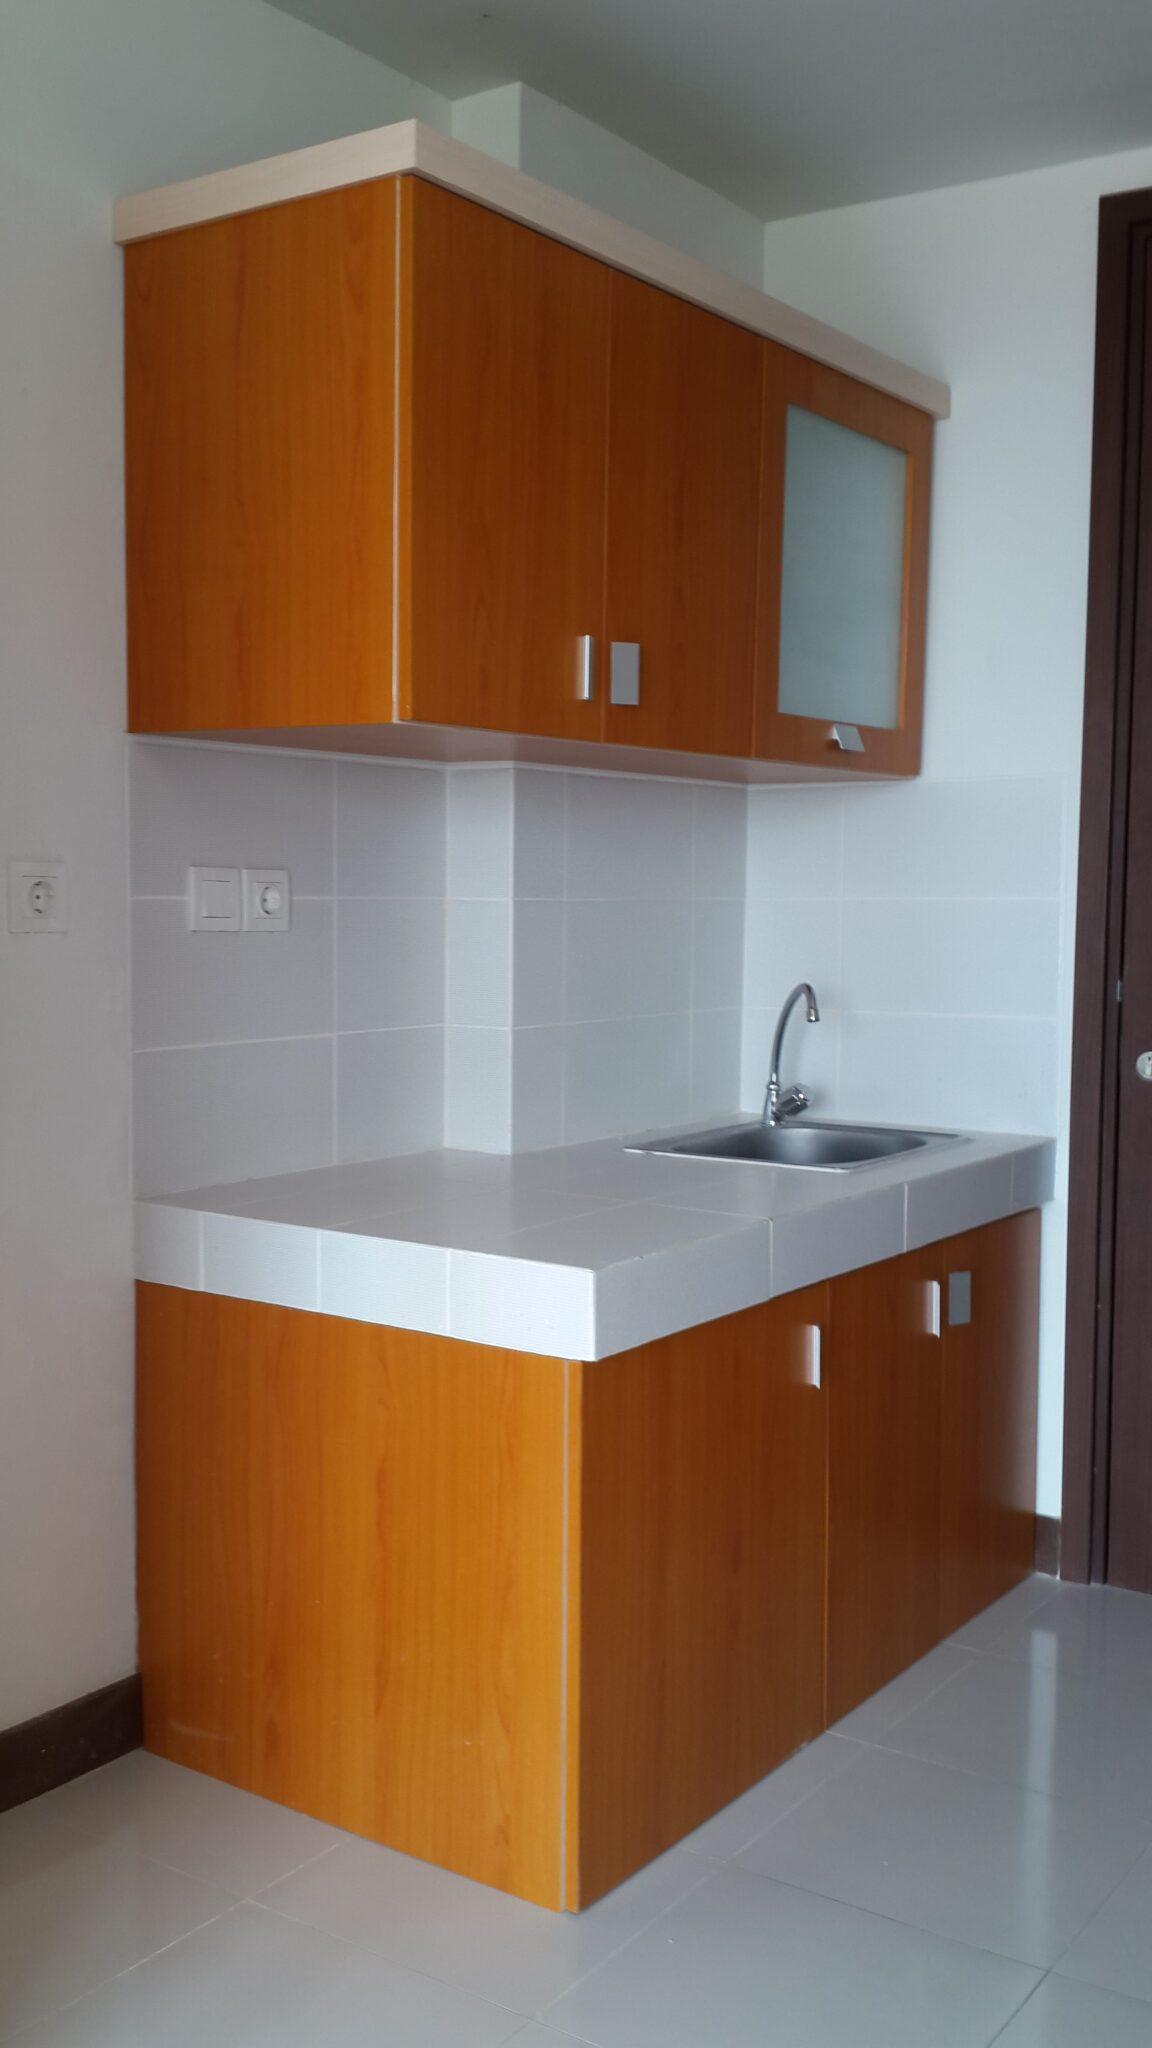 Jasa Renovasi Apartemen Scientia, Gading Serpong | Persada Interior